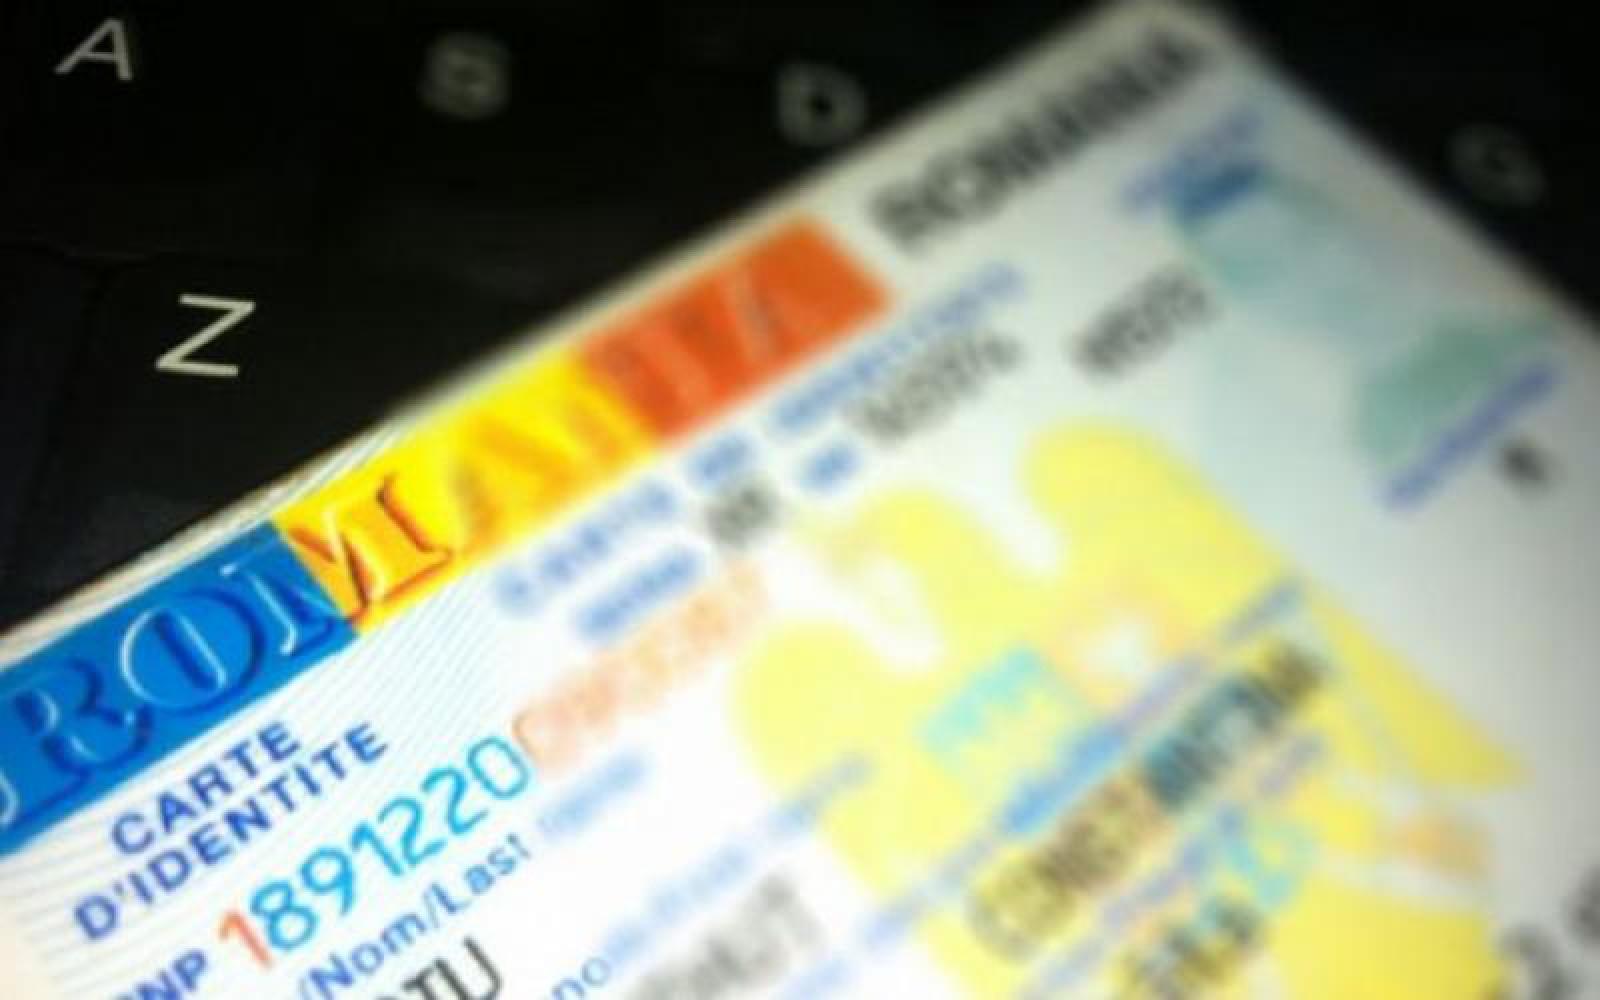 Cei care dețin acte românești vor fi obligați să își schimbe buletinul, pașaportul sau permisul de conducere